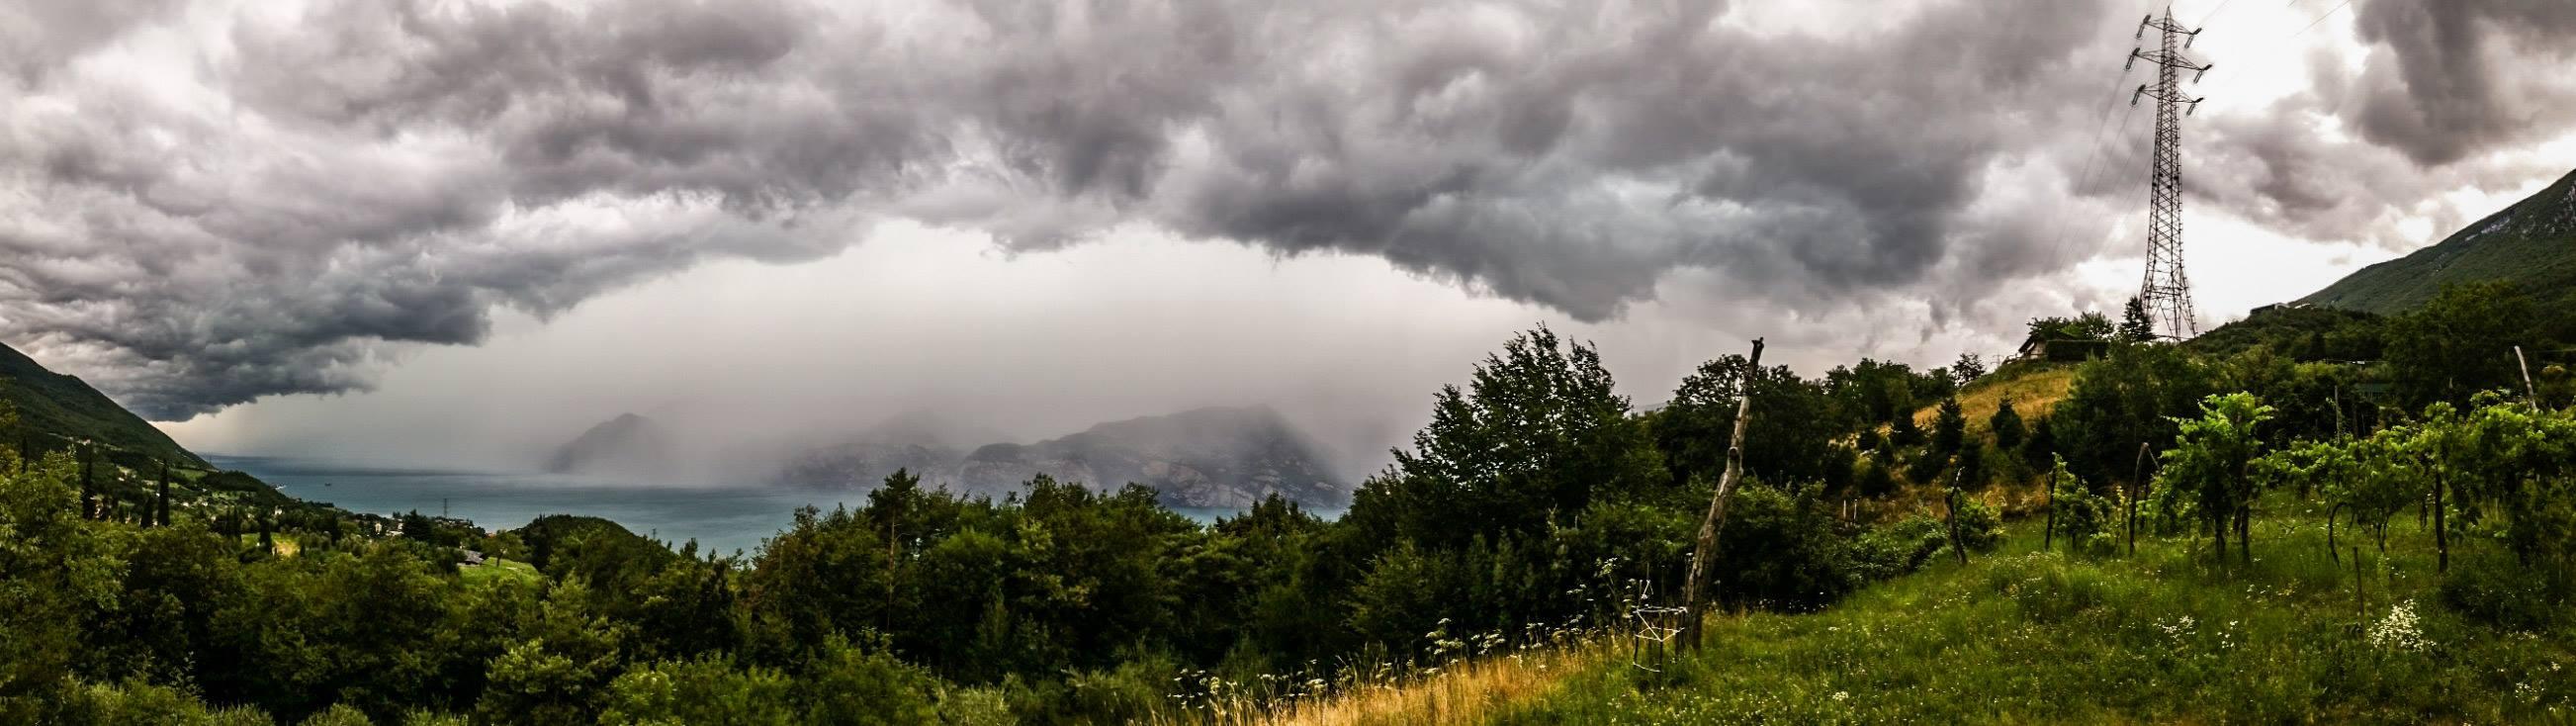 Luglio 2017 - Il giorno 24 un forte temporale in arrivo da ovest è stato immortalato dall'obiettivo di Claudio Chincarini. I contrasti di colori tra cielo, lago e monti la fanno da padrone...